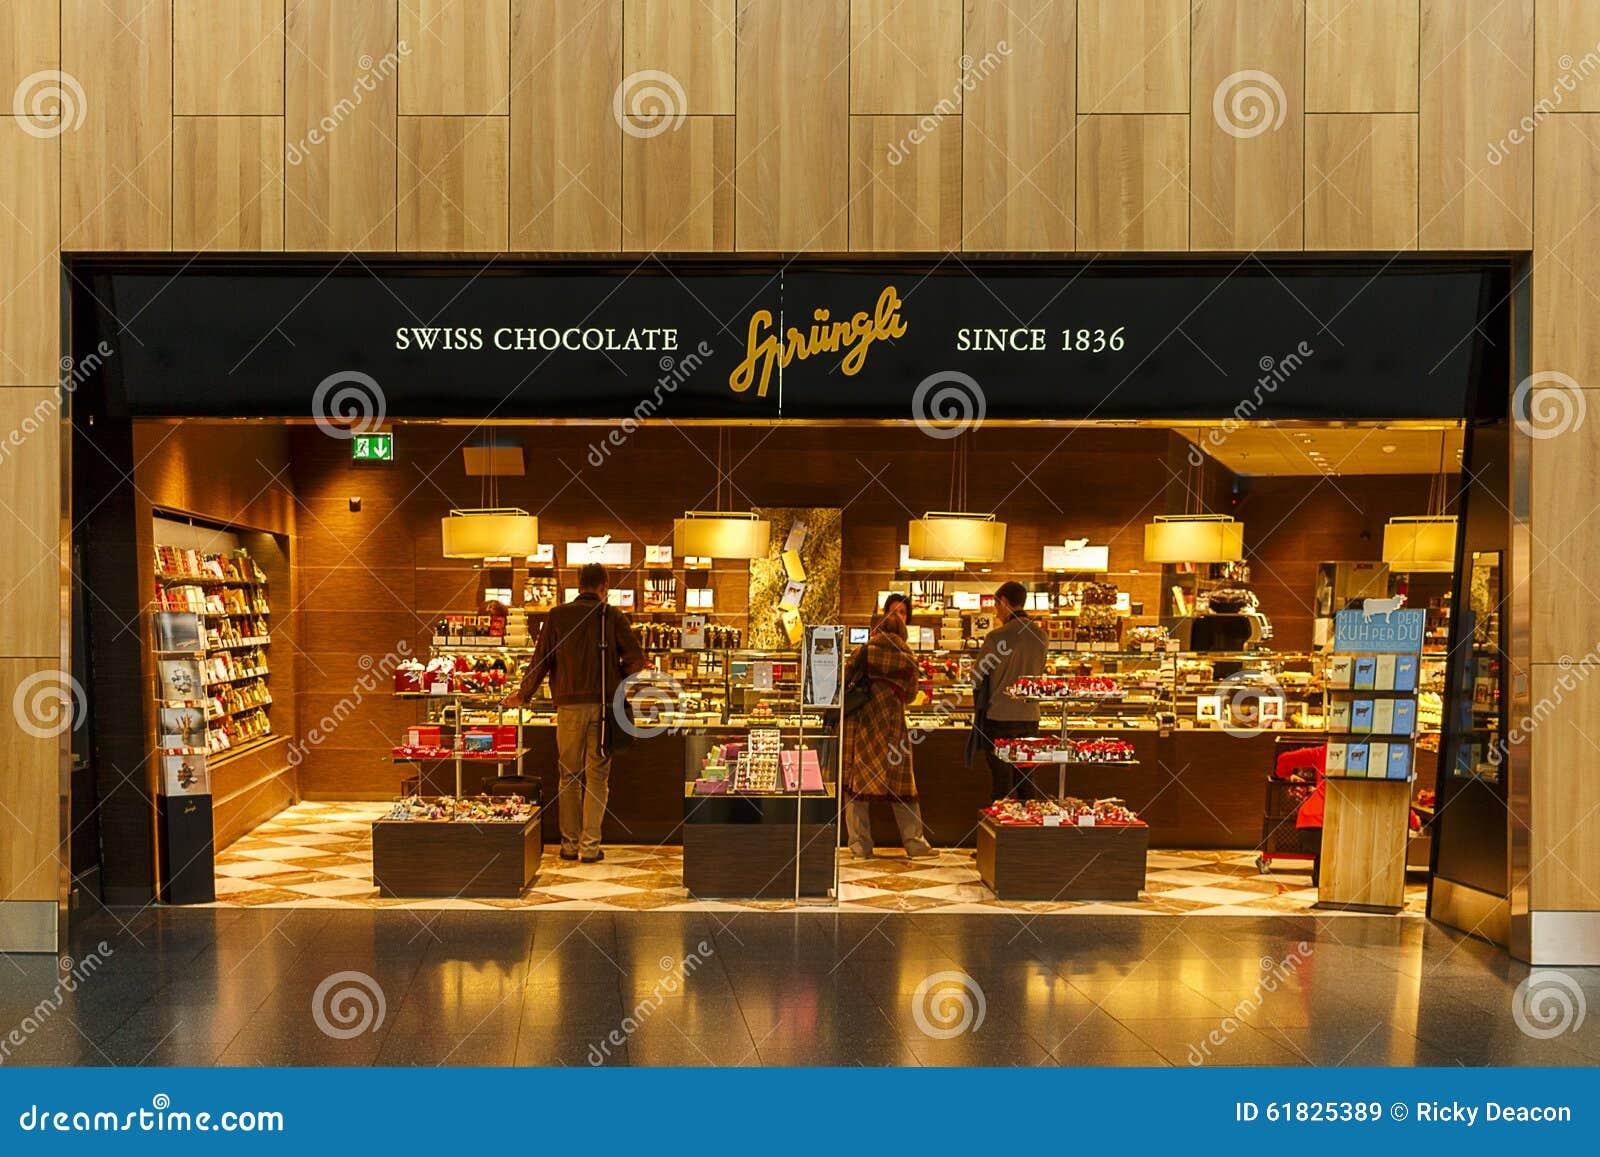 Sprungli Chocolate Store Editorial Stock Image Image